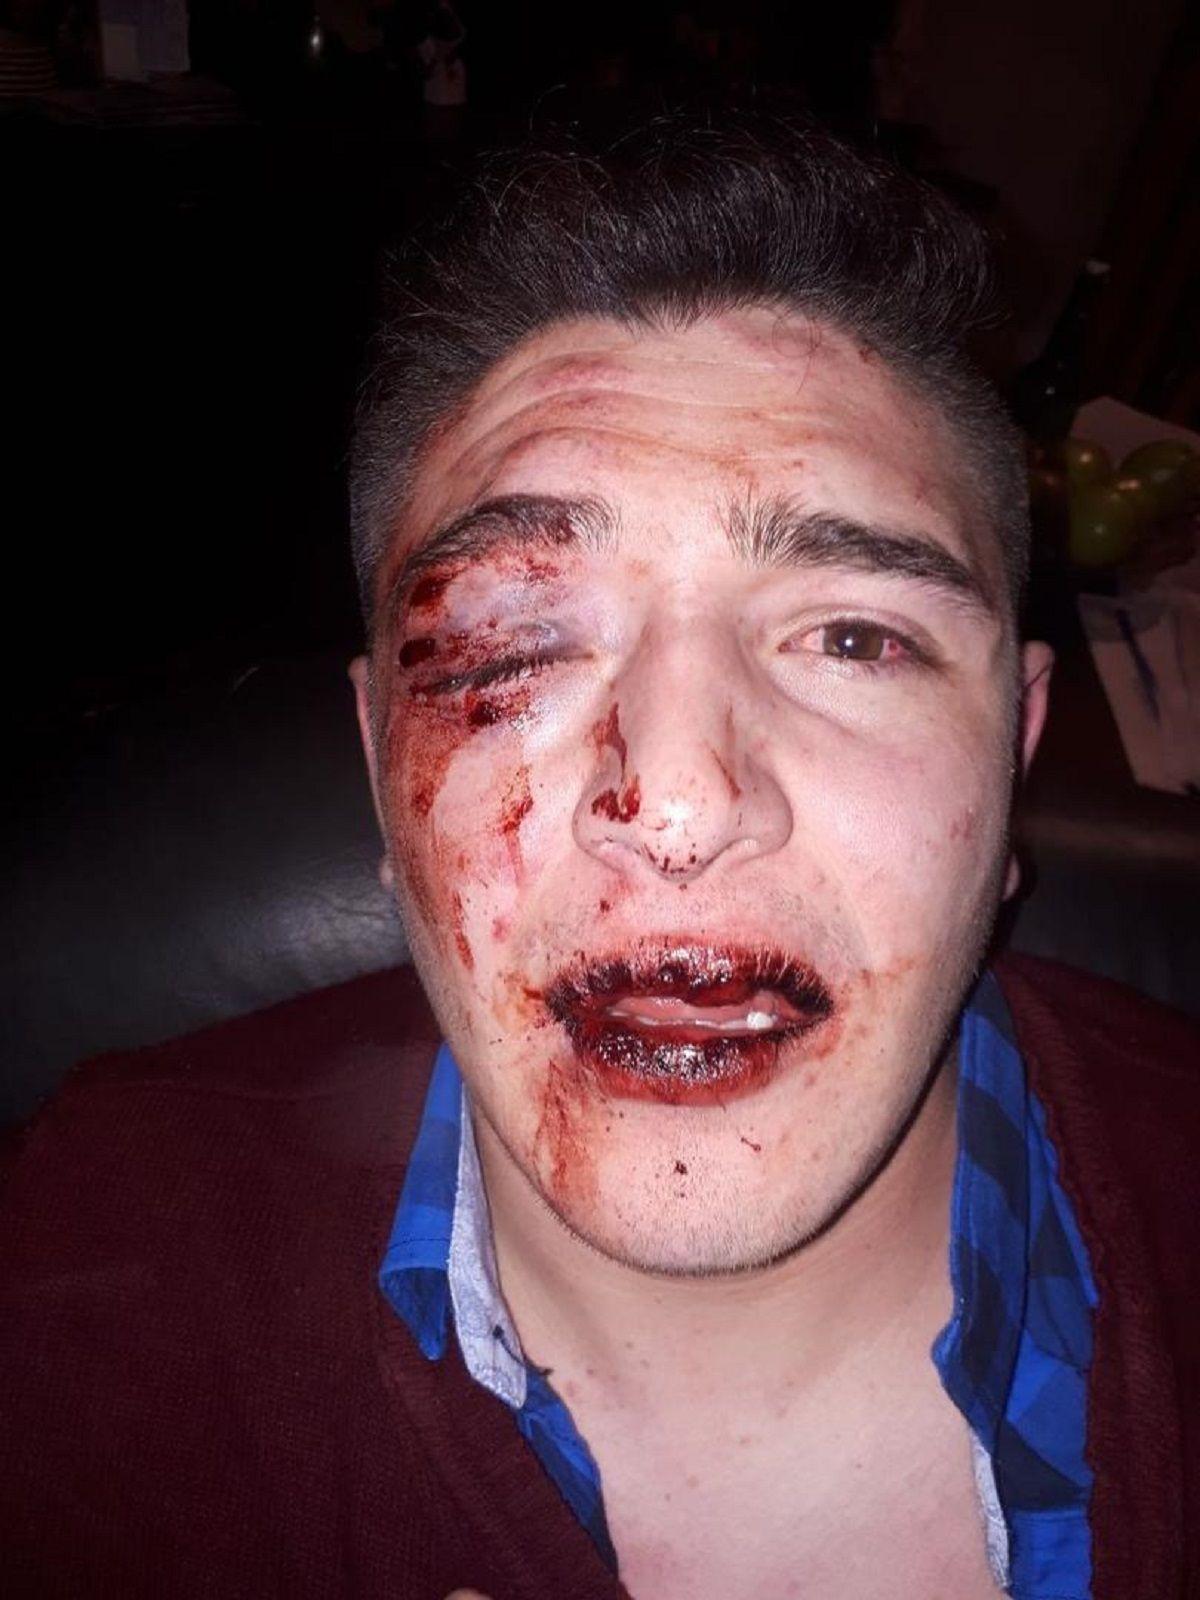 Le dieron una golpiza en un boliche de Tucumán